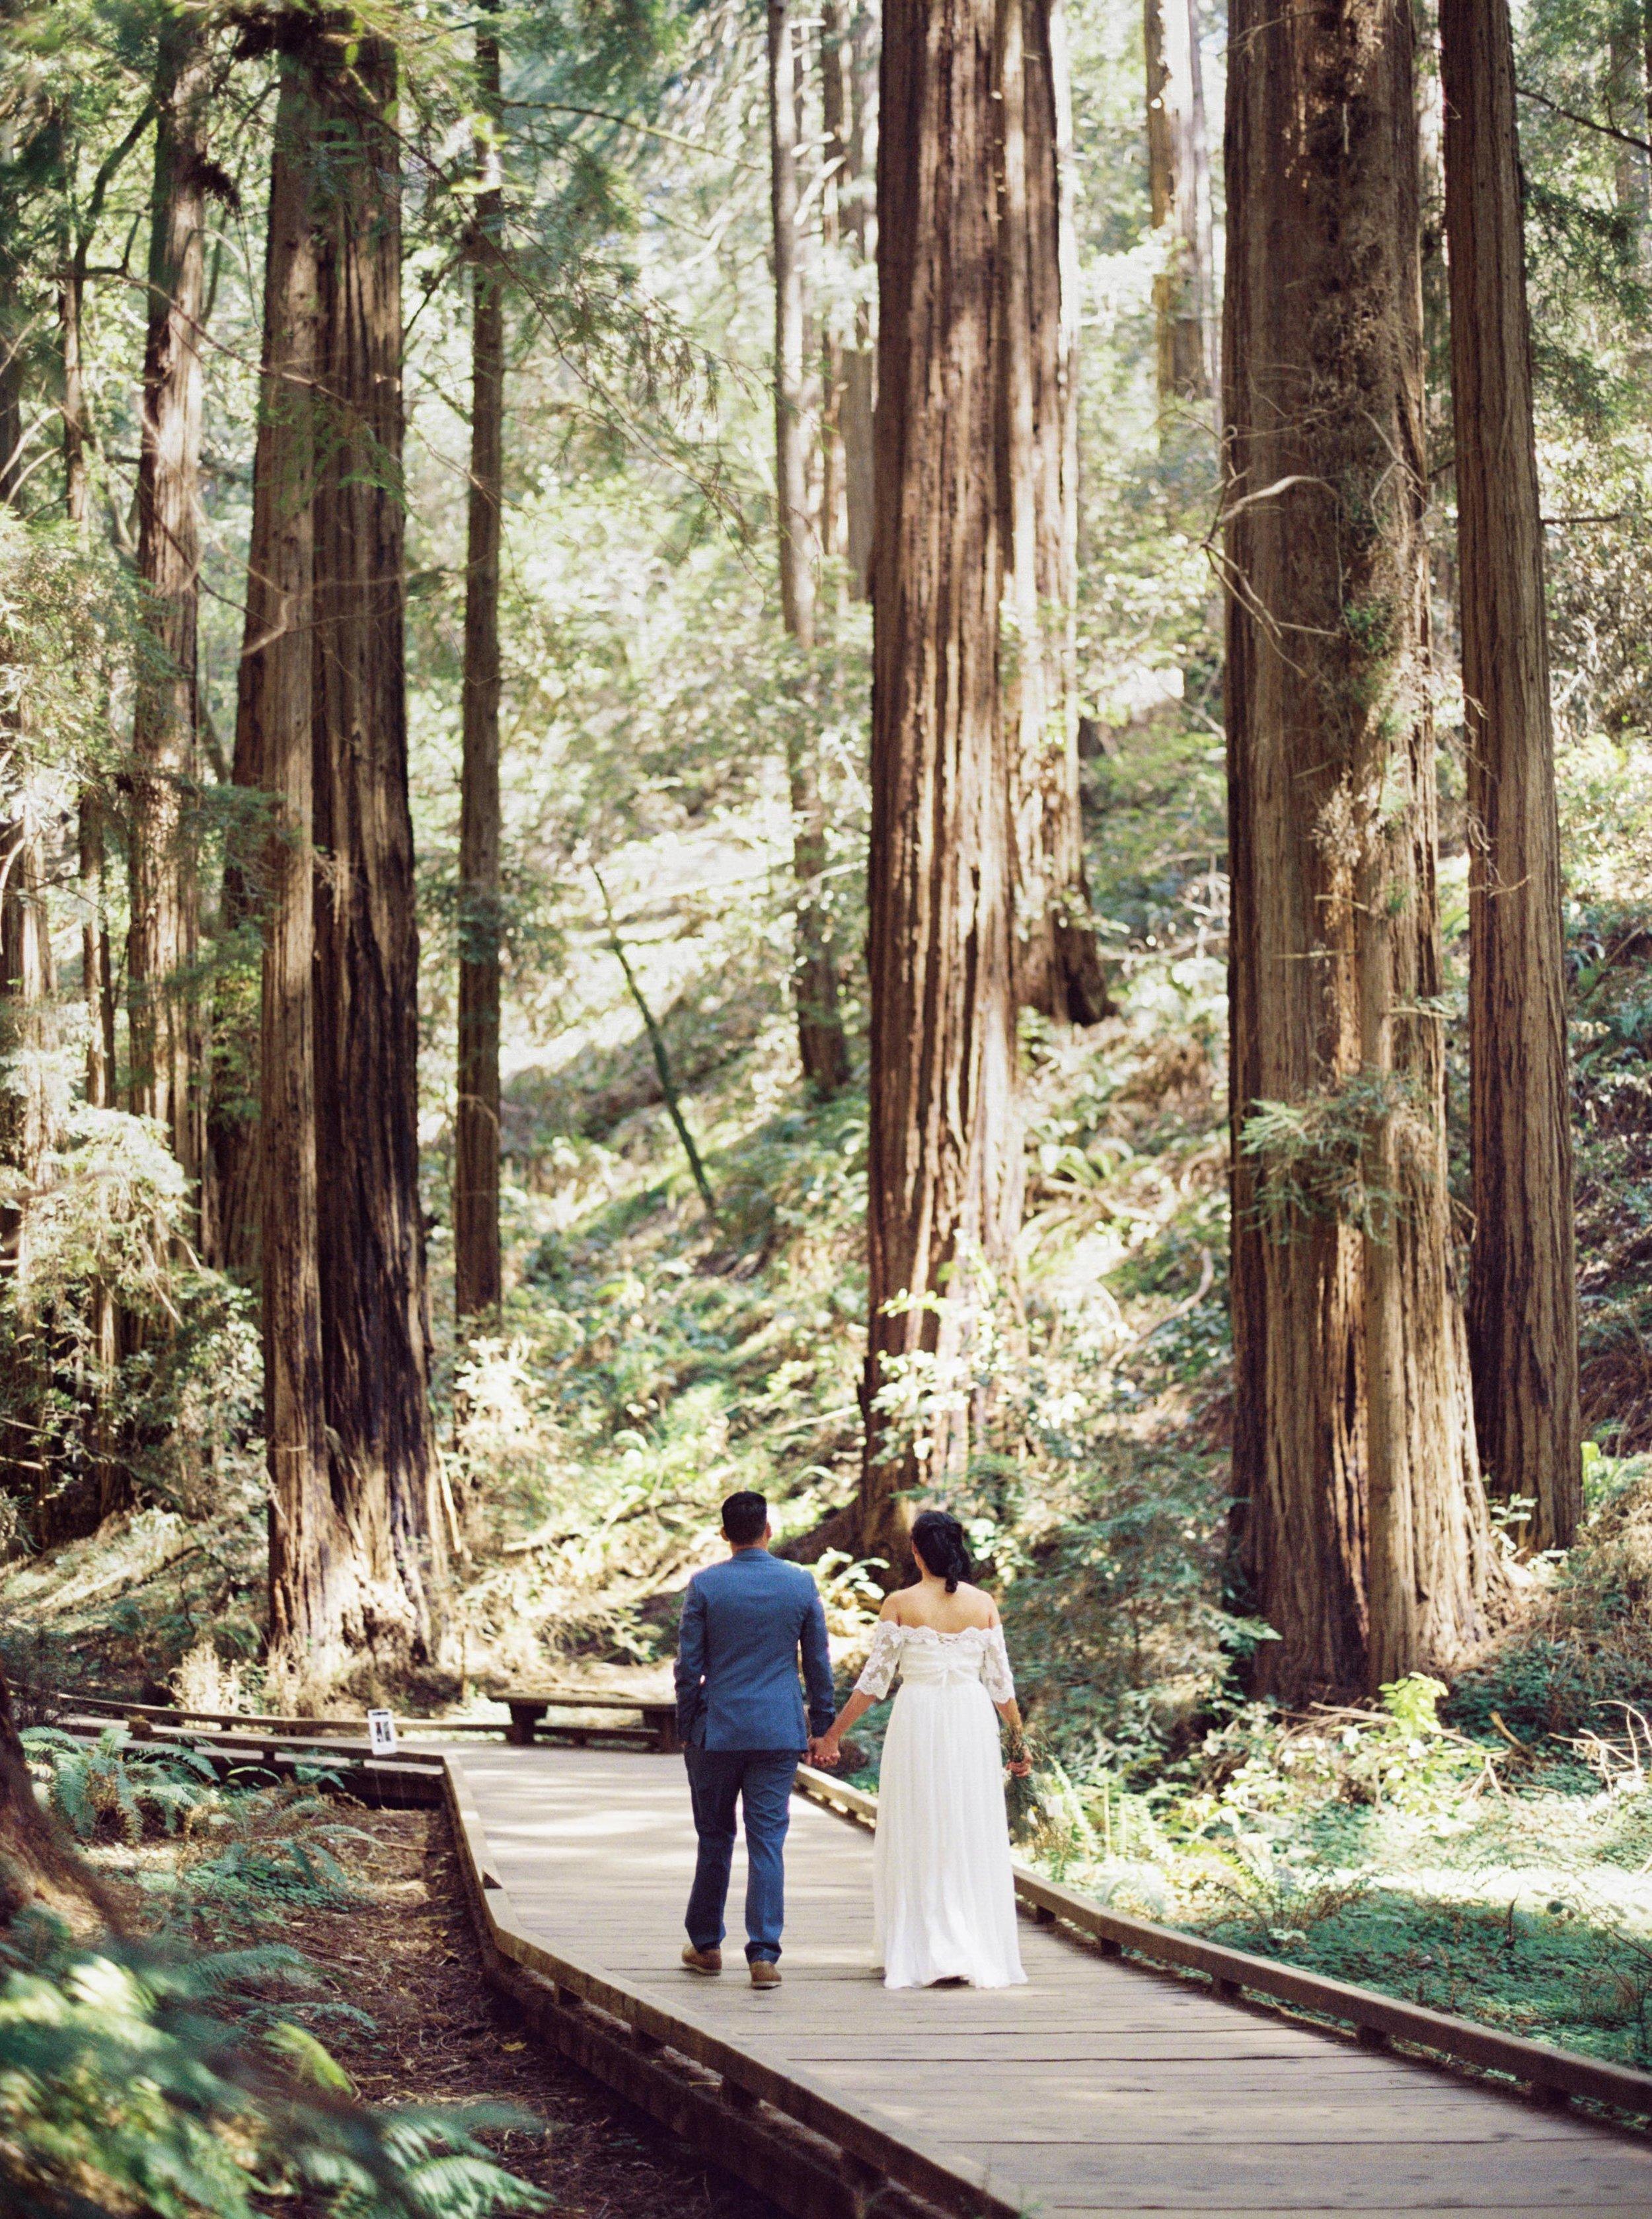 016_Krysten-Crebin-Muir-Woods-Elopement-Wedding-Photographer.jpg